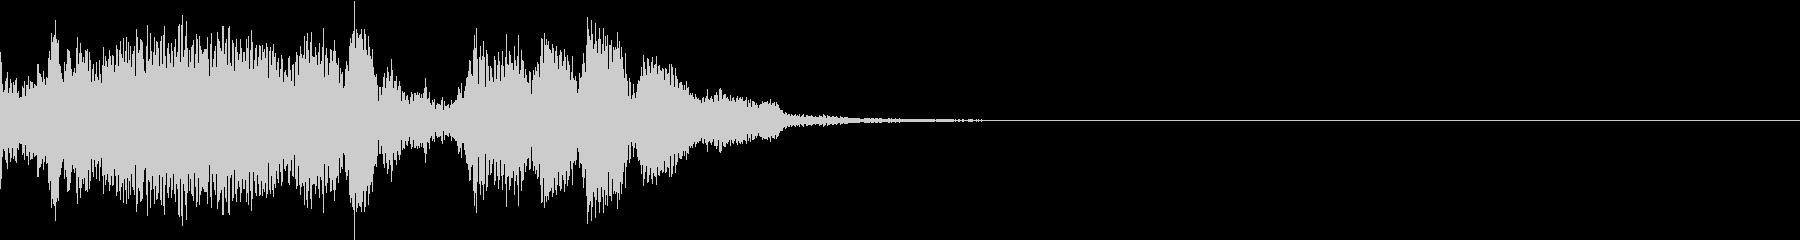 Monster 未知の生物の発する音声1の未再生の波形